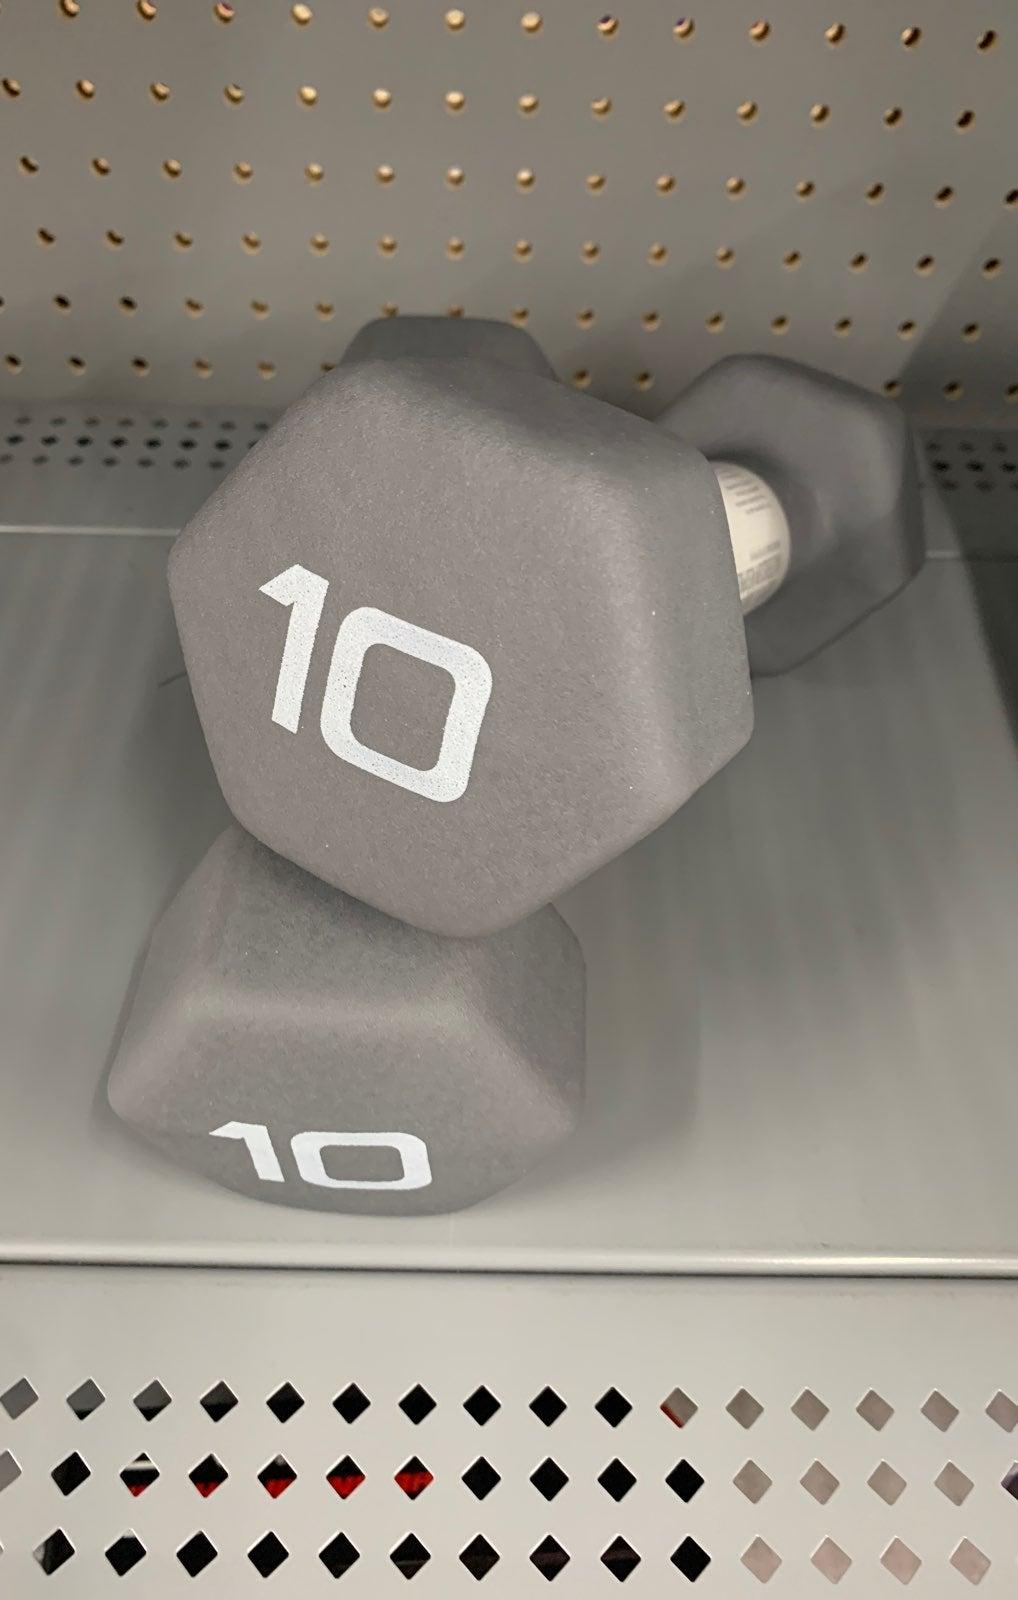 (2)Cap 10lb Pound Neoprene Dumbbells